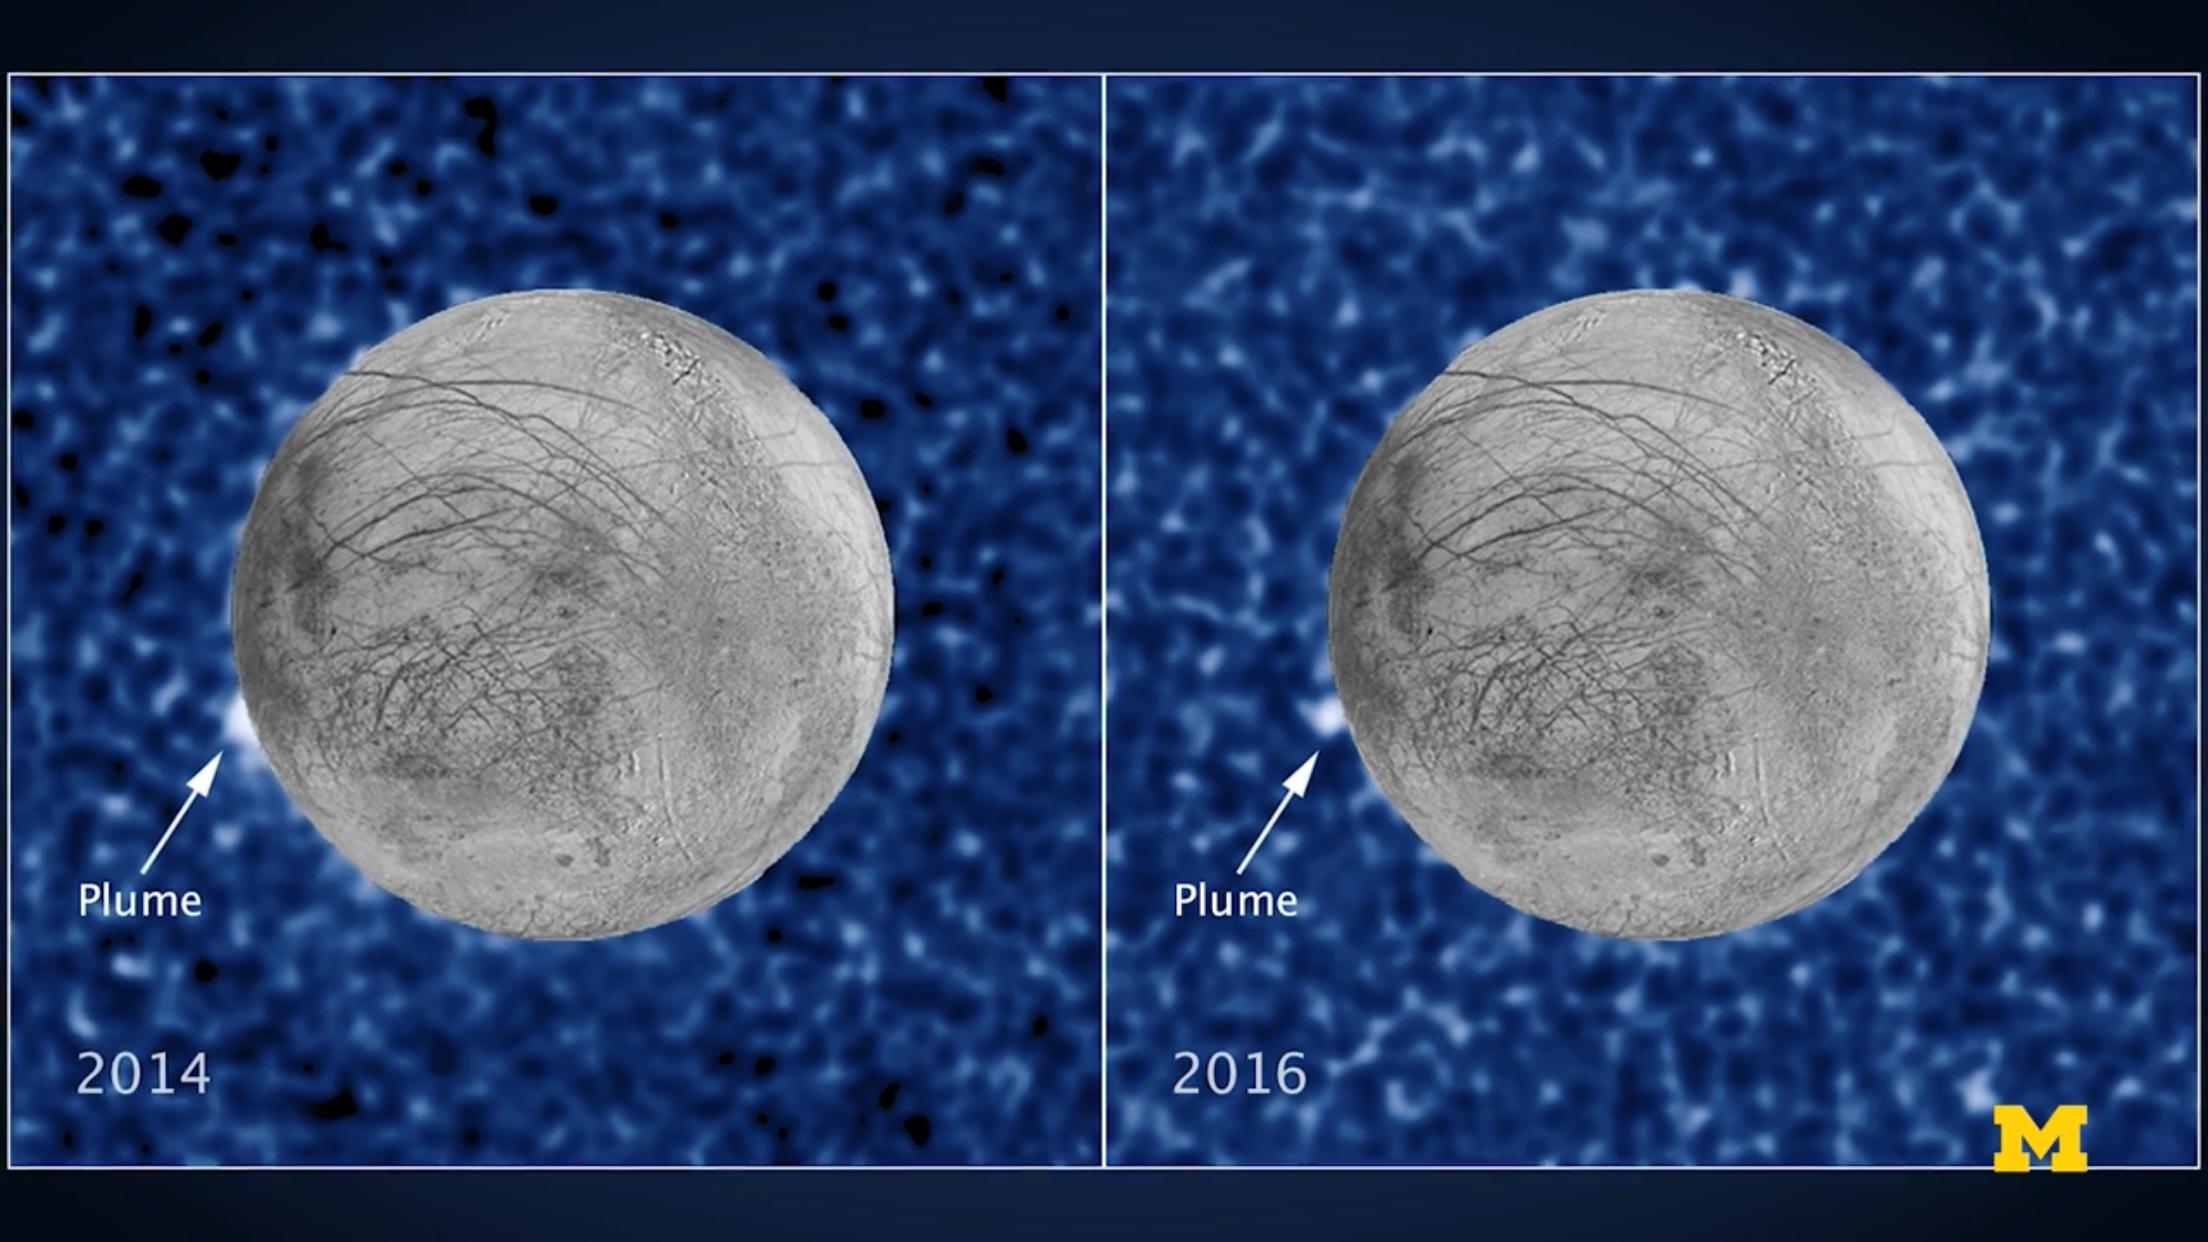 哈柏天文望遠鏡(Hubble Space Telescope)曾在木衛二多次拍攝到「羽流」現象。(密大提供)